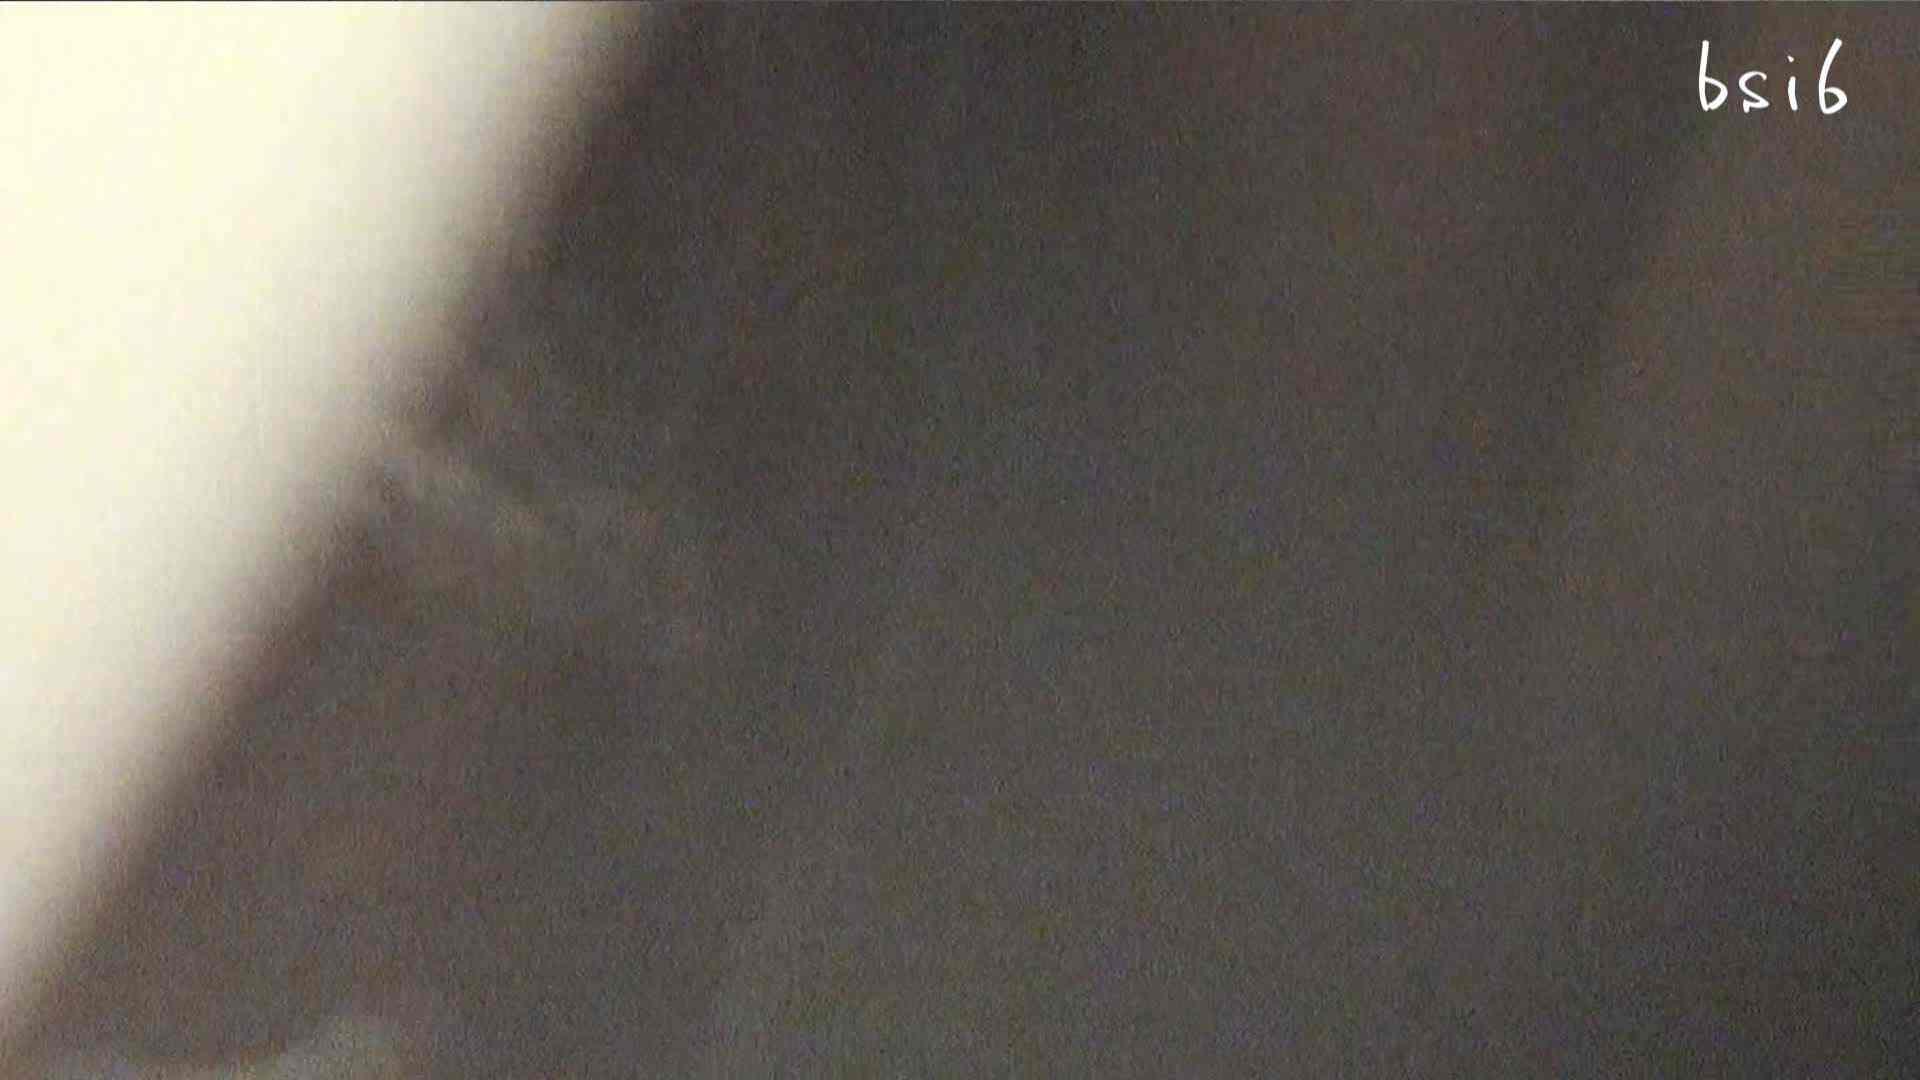 至高下半身盗撮-PREMIUM-【院内病棟編 】 vol.06 盗撮  63PIX 20